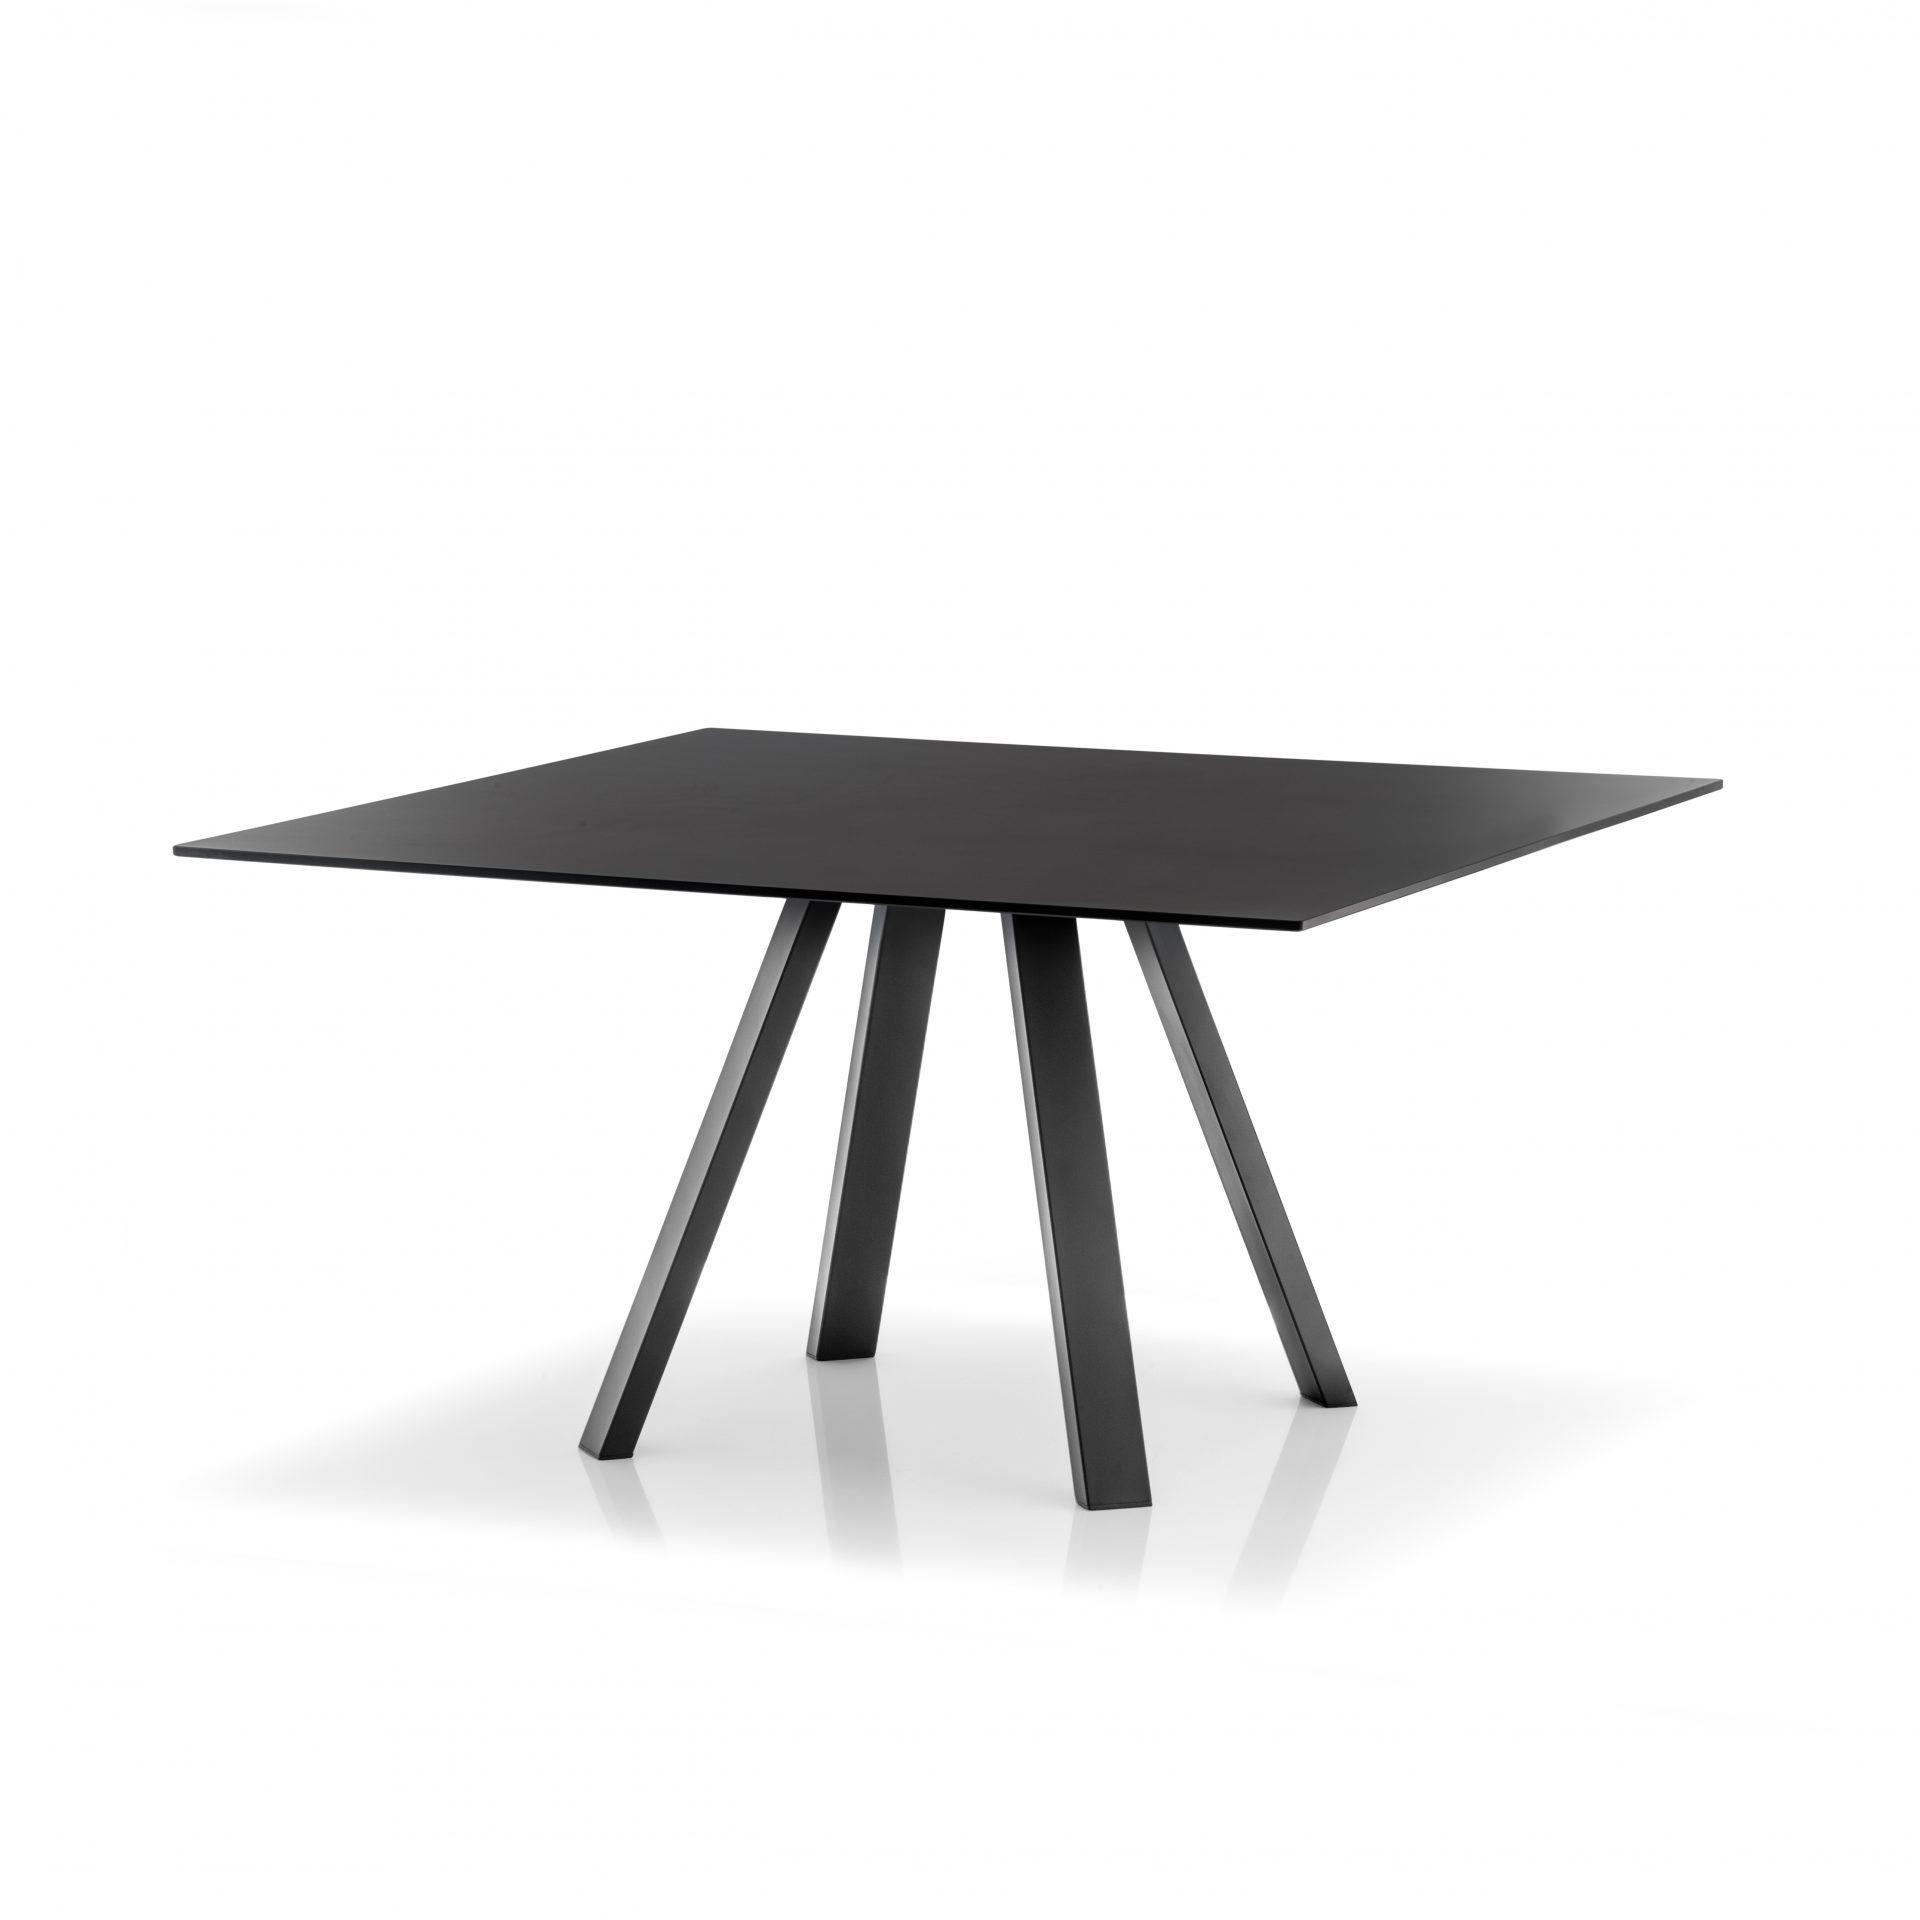 Arki borde findes i forskellige størrelser - alle med kompakt laminat plade